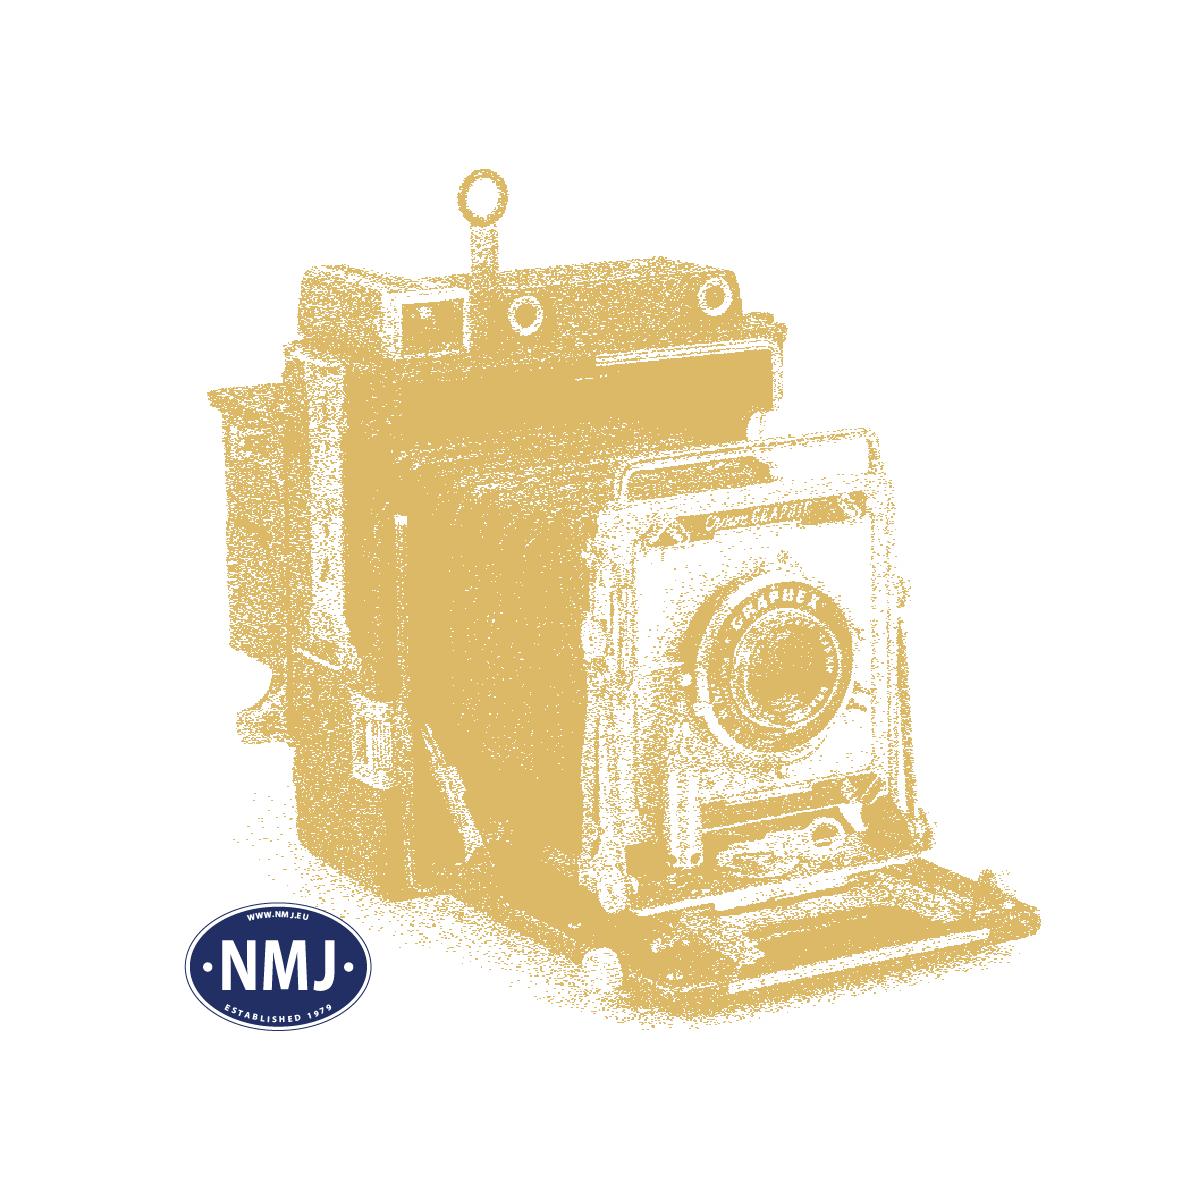 NMJ0.21509 - NMJ Superline NSB BF10.21509, 0-Skala